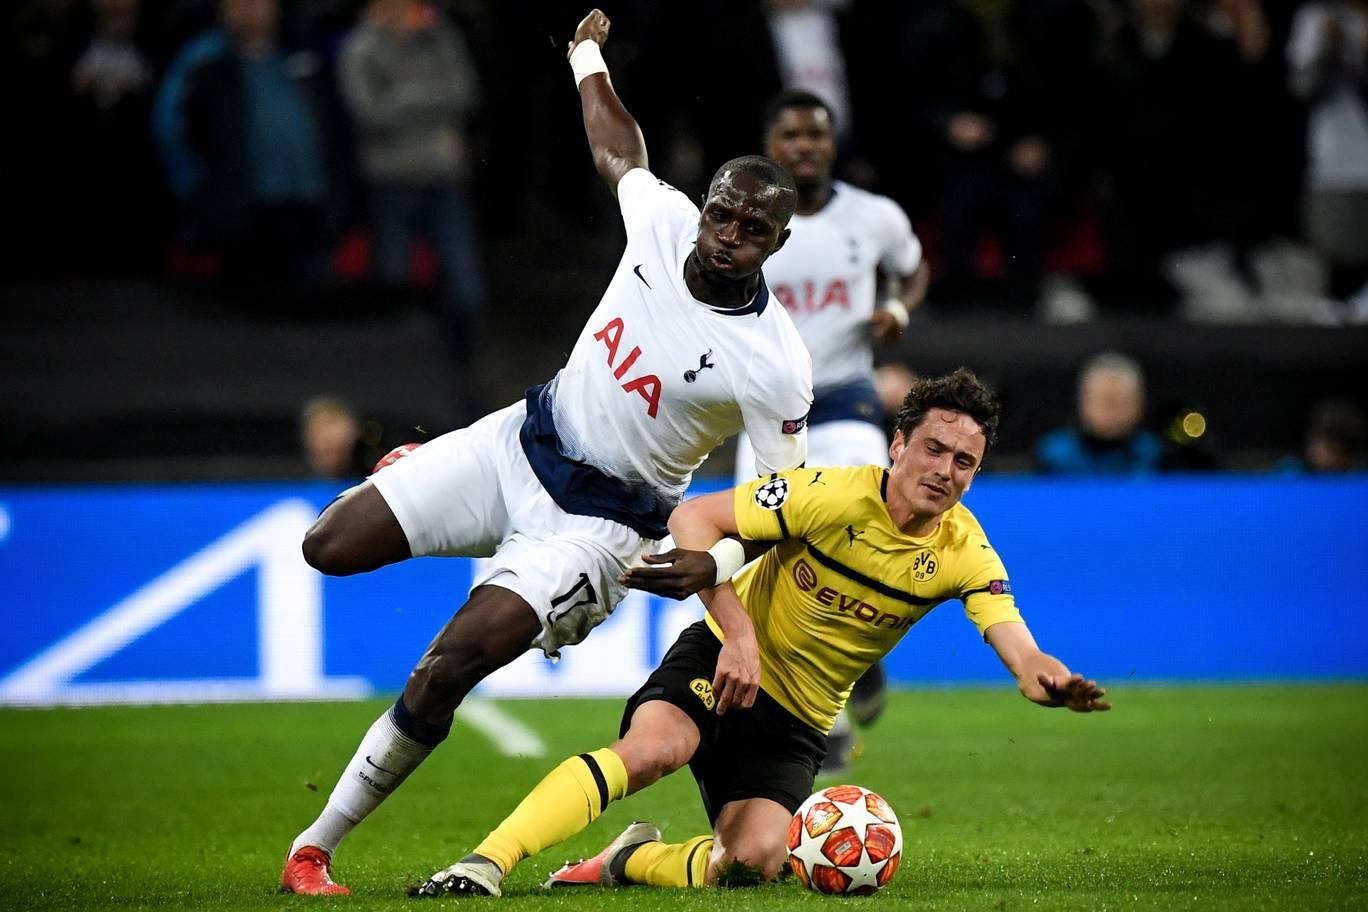 Chấm điểm Tottenham: Điểm 9 xứng đáng cho